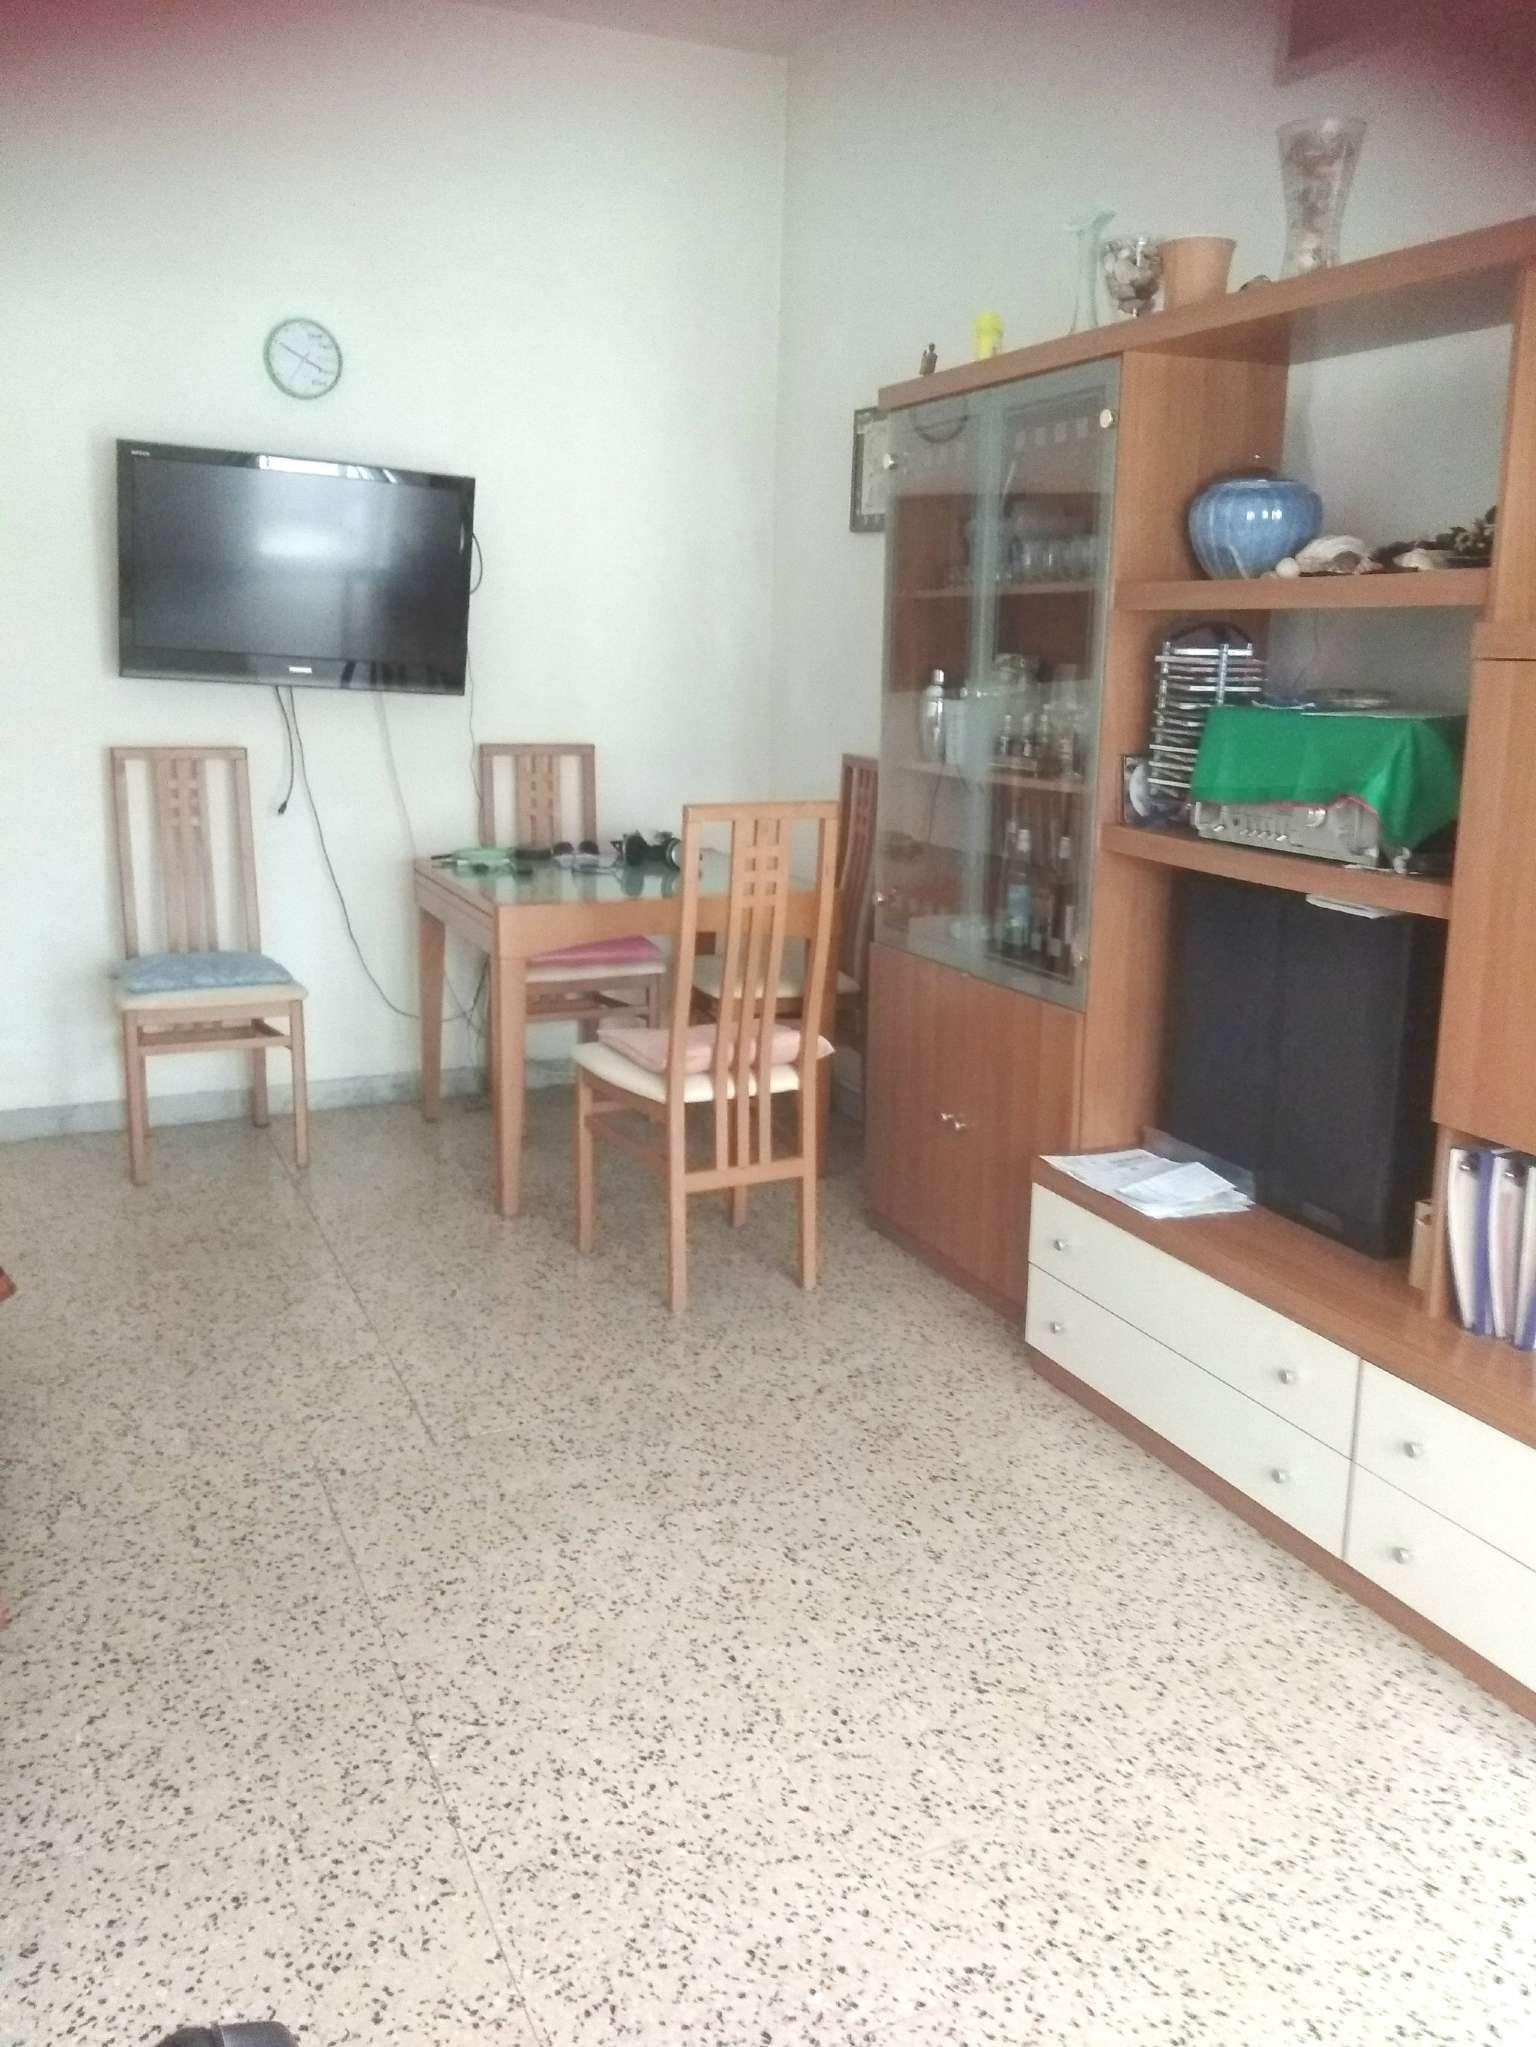 Appartamento in vendita a Roma, 2 locali, zona Zona: 11 . Centocelle, Alessandrino, Collatino, Prenestina, Villa Giordani, prezzo € 185.000   CambioCasa.it